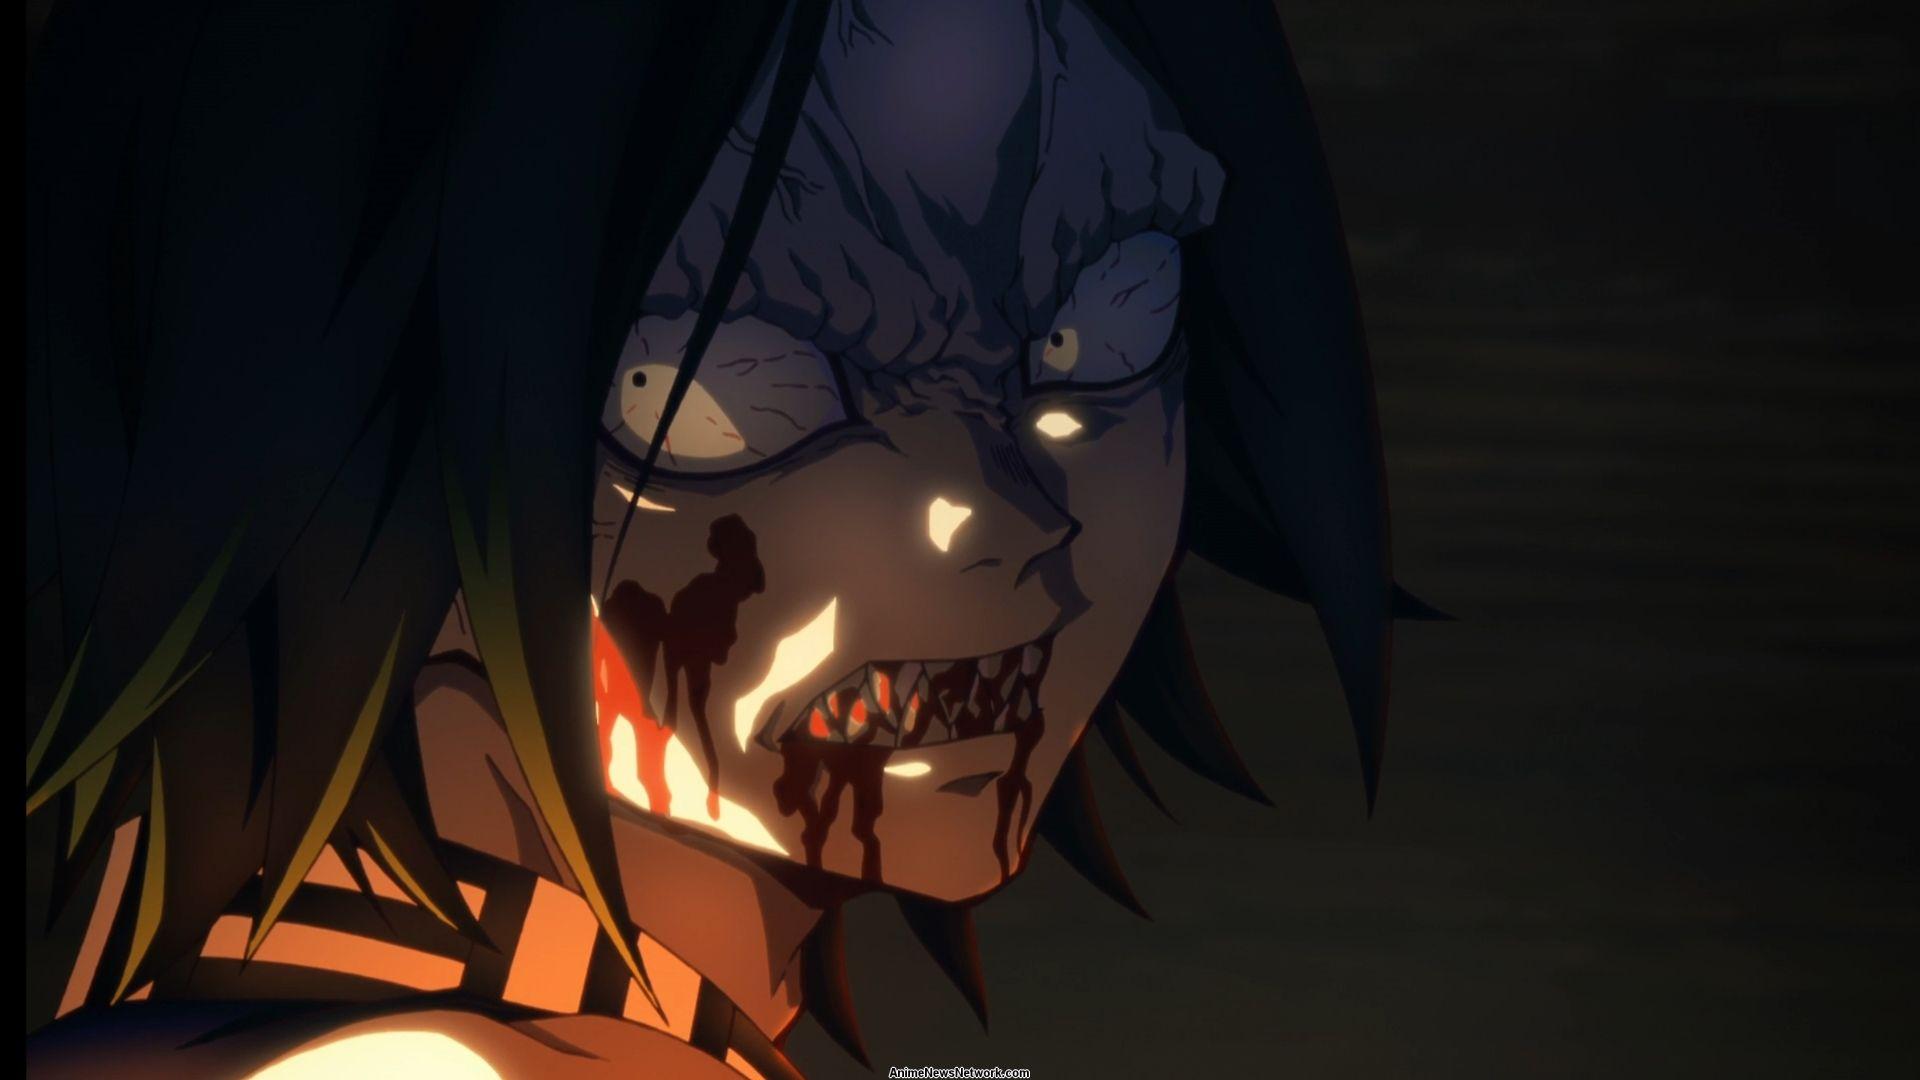 Episodes 1-2 - Demon Slayer: Kimetsu no Yaiba - Anime News